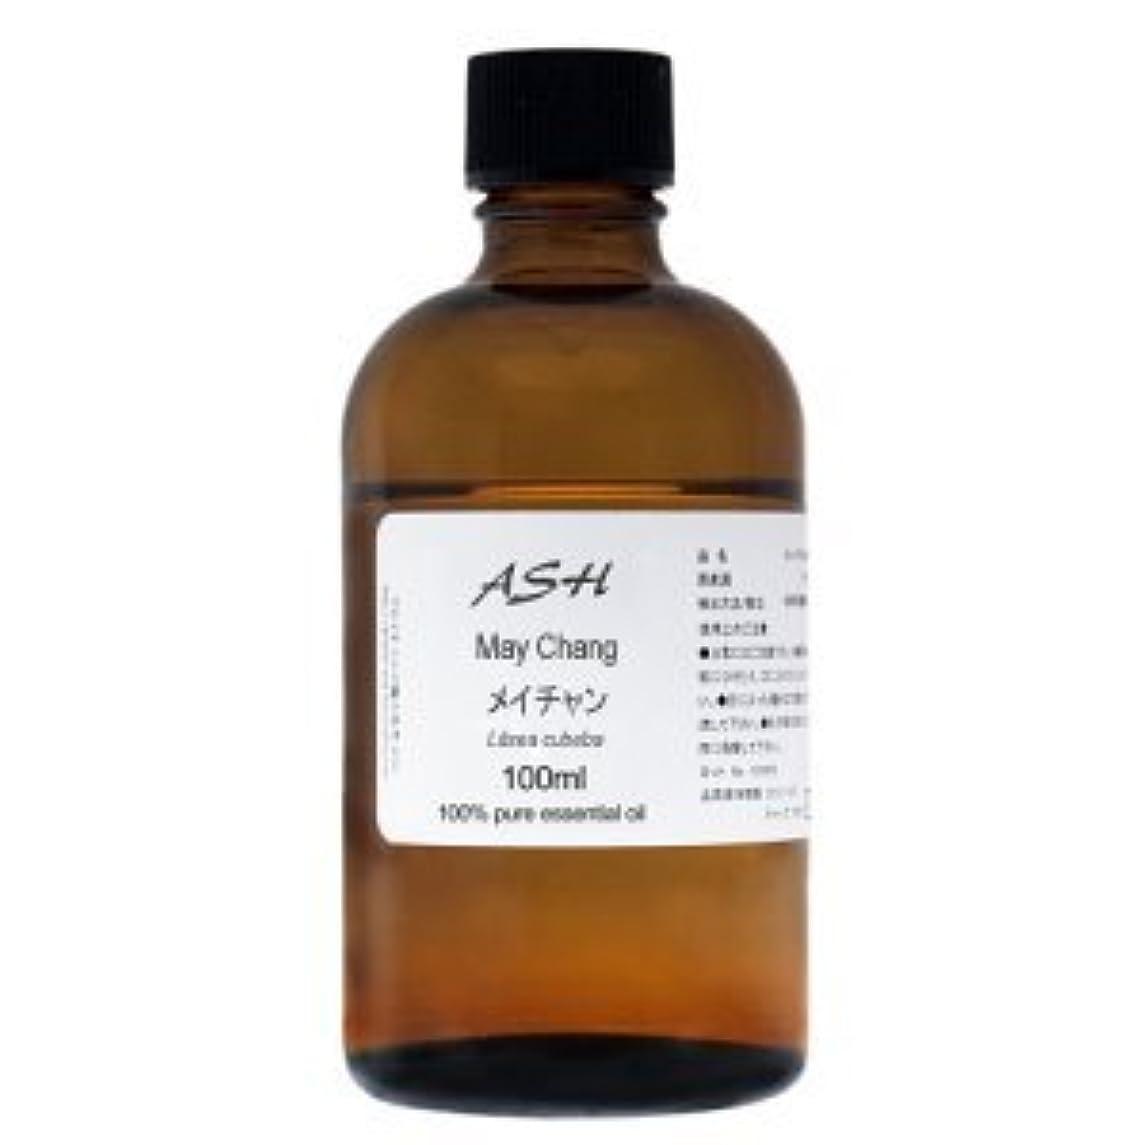 マイク鉛バケツASH メイチャン エッセンシャルオイル 100ml AEAJ表示基準適合認定精油